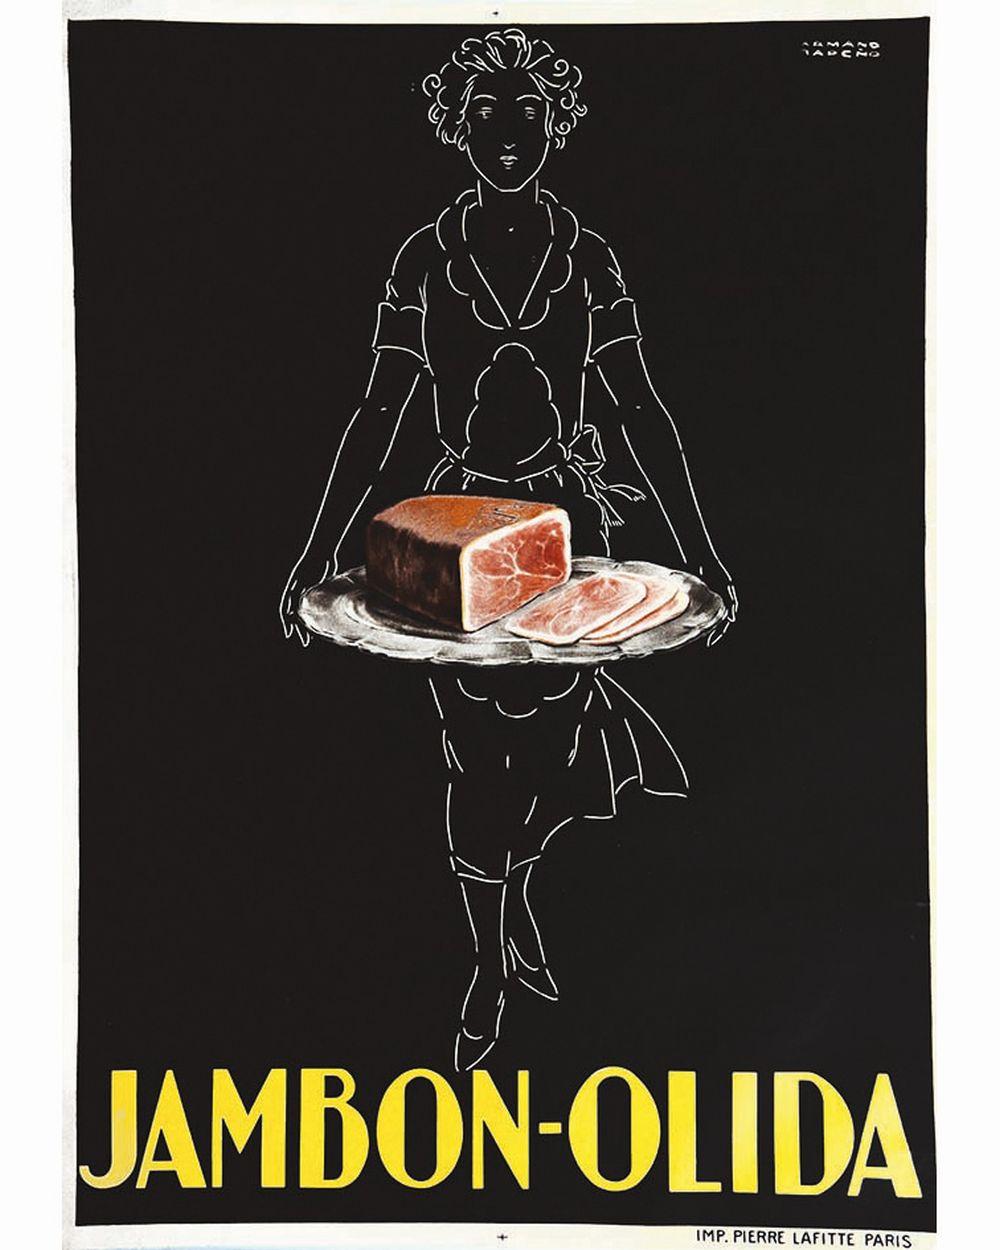 RAPENO ARMAND - Jambon Olida     vers 1930